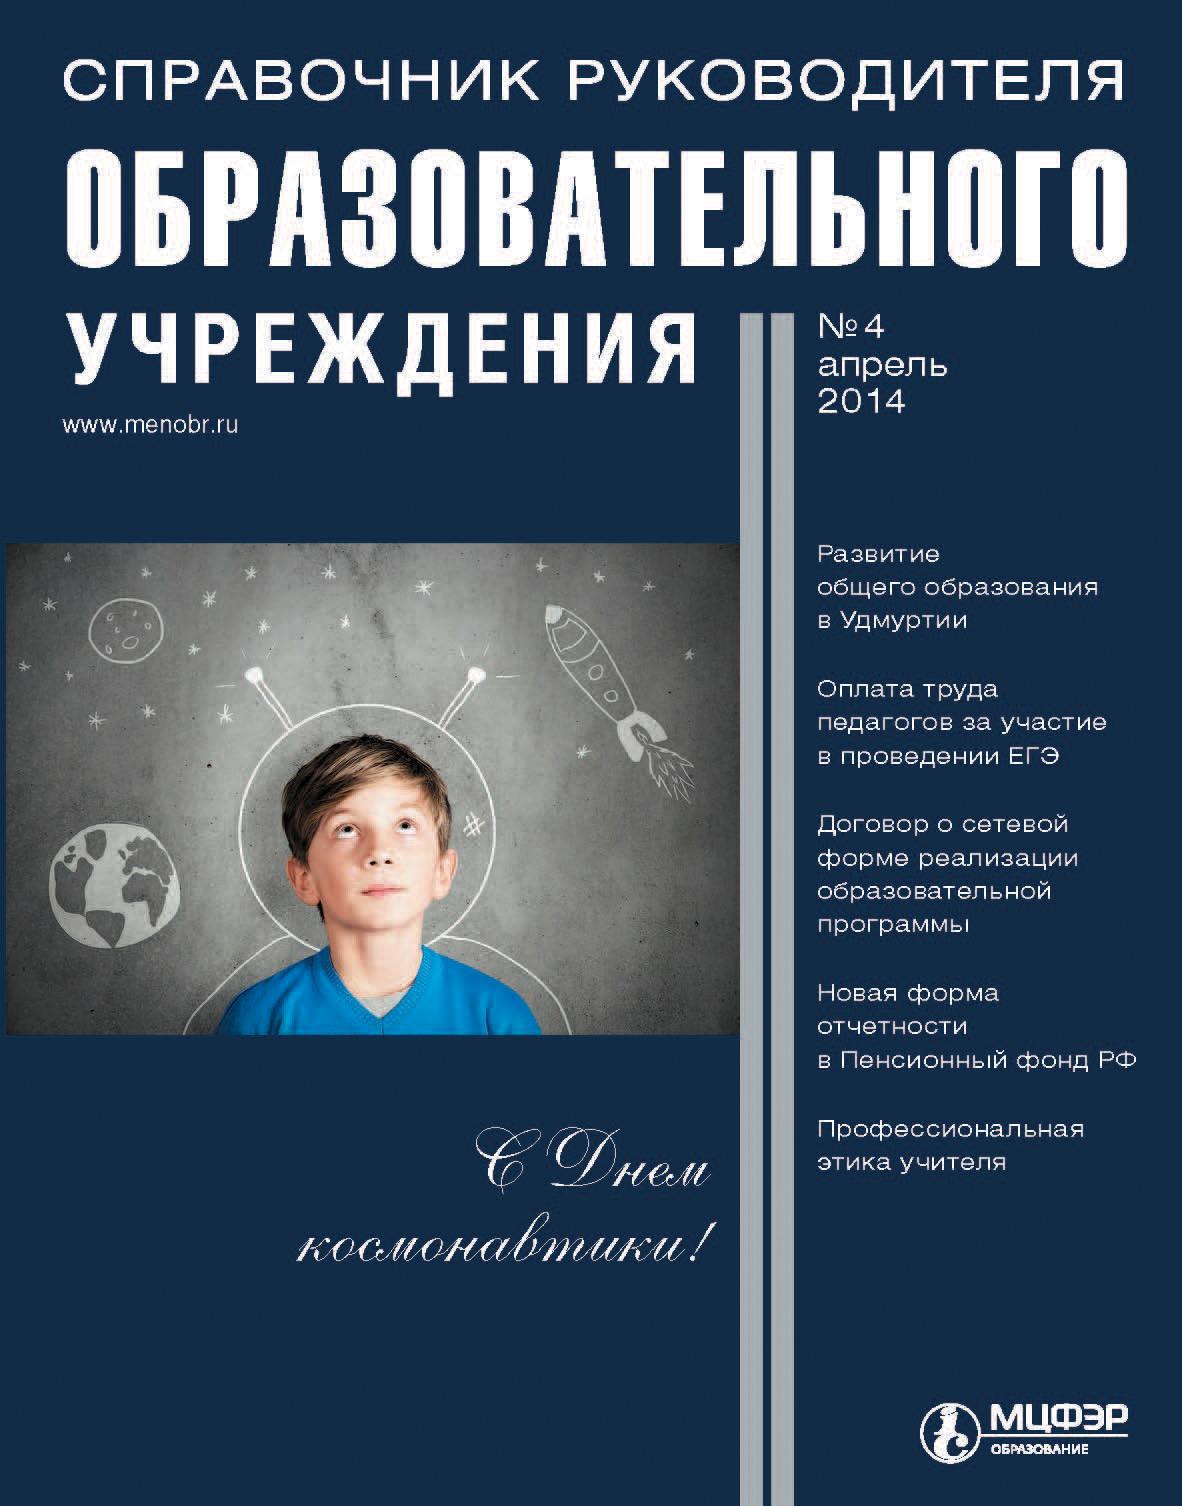 Справочник руководителя образовательного учреждения № 4 2014